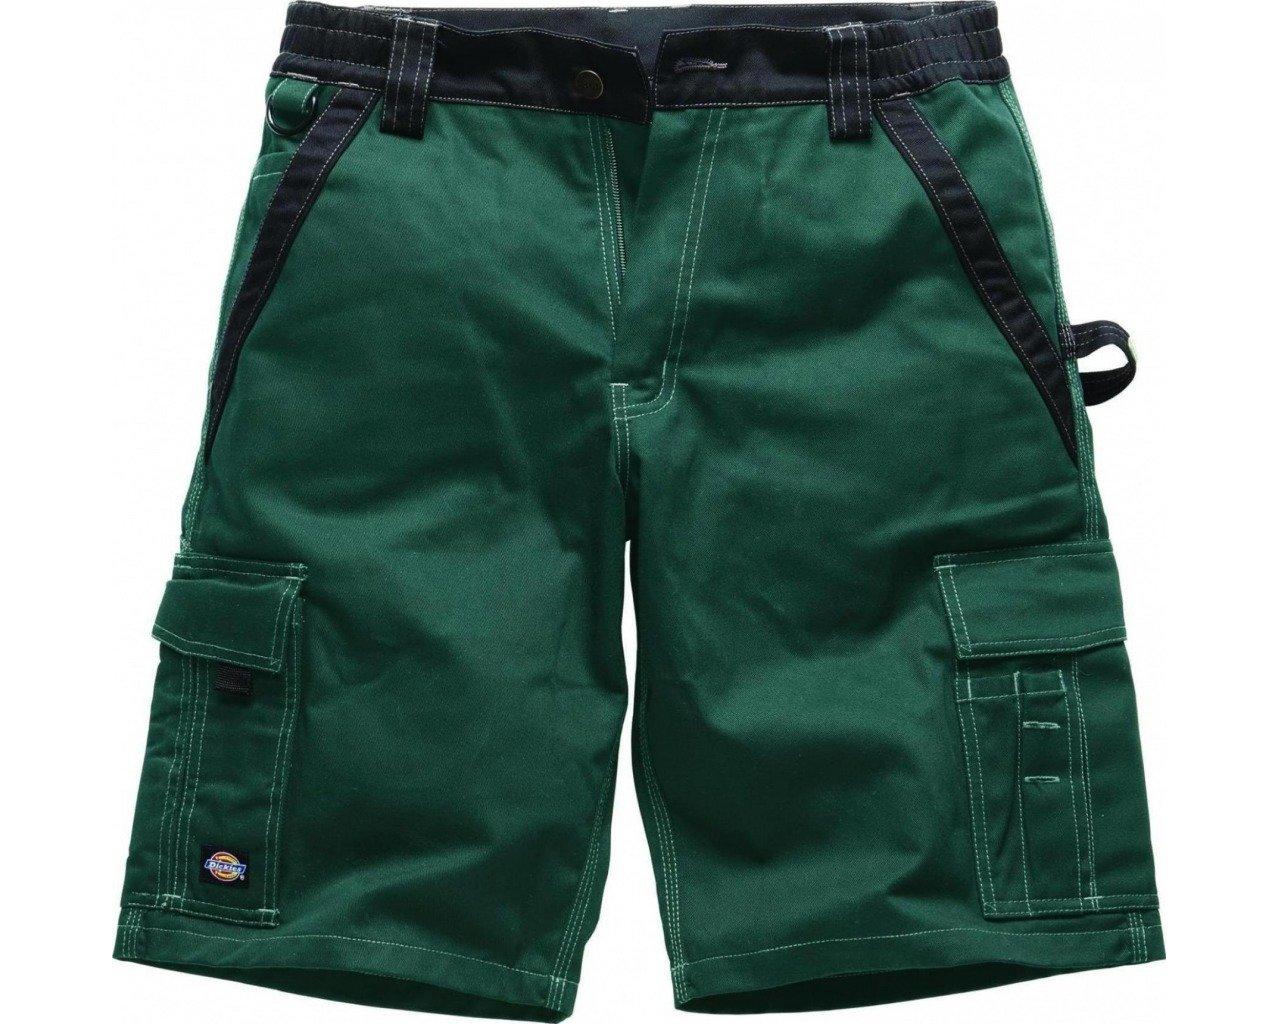 Dickies Bermuda Short Industry 300 grün   schwarz schwarz schwarz GNB54, IN30050 B0052JXHVI Streetwear Neue Sorten werden eingeführt c170b2